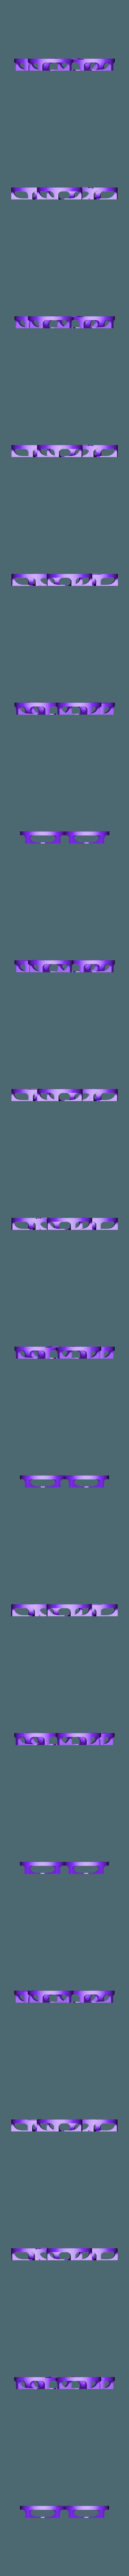 HX100 Prop guardV1.stl Télécharger fichier STL Betafpv HX100 propeler guard  • Design pour imprimante 3D, svenecs